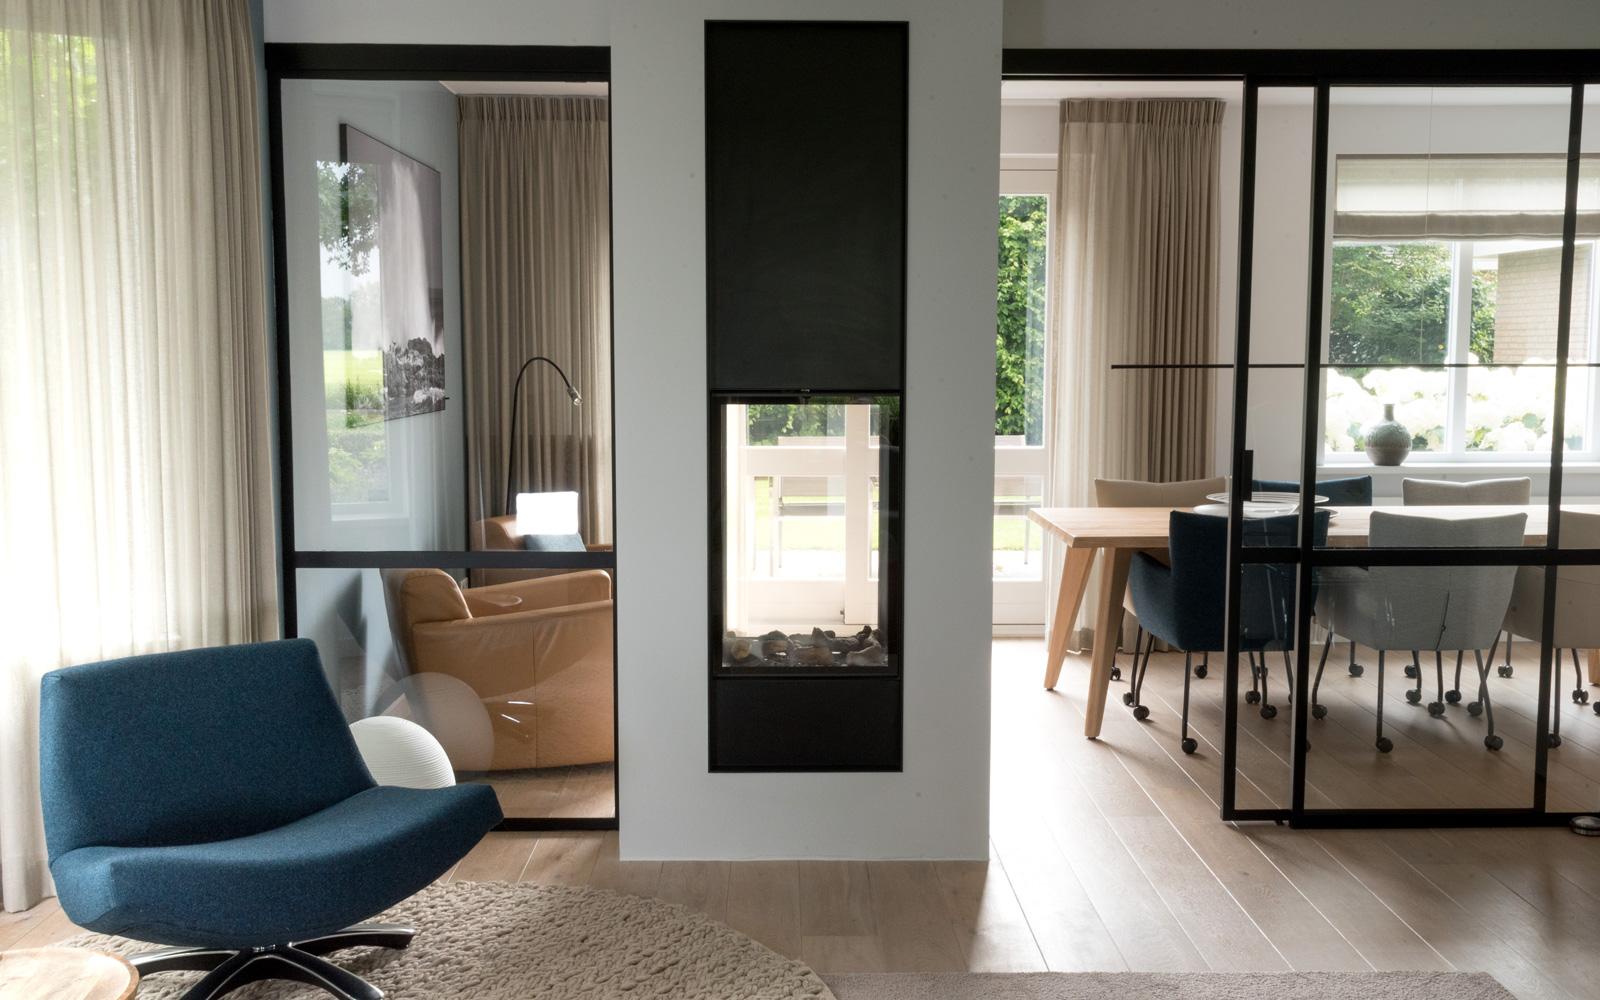 Woonkamer, verbouwing, interieurproject, interieur, doorkijkhaard, stalen frame, MarStyling